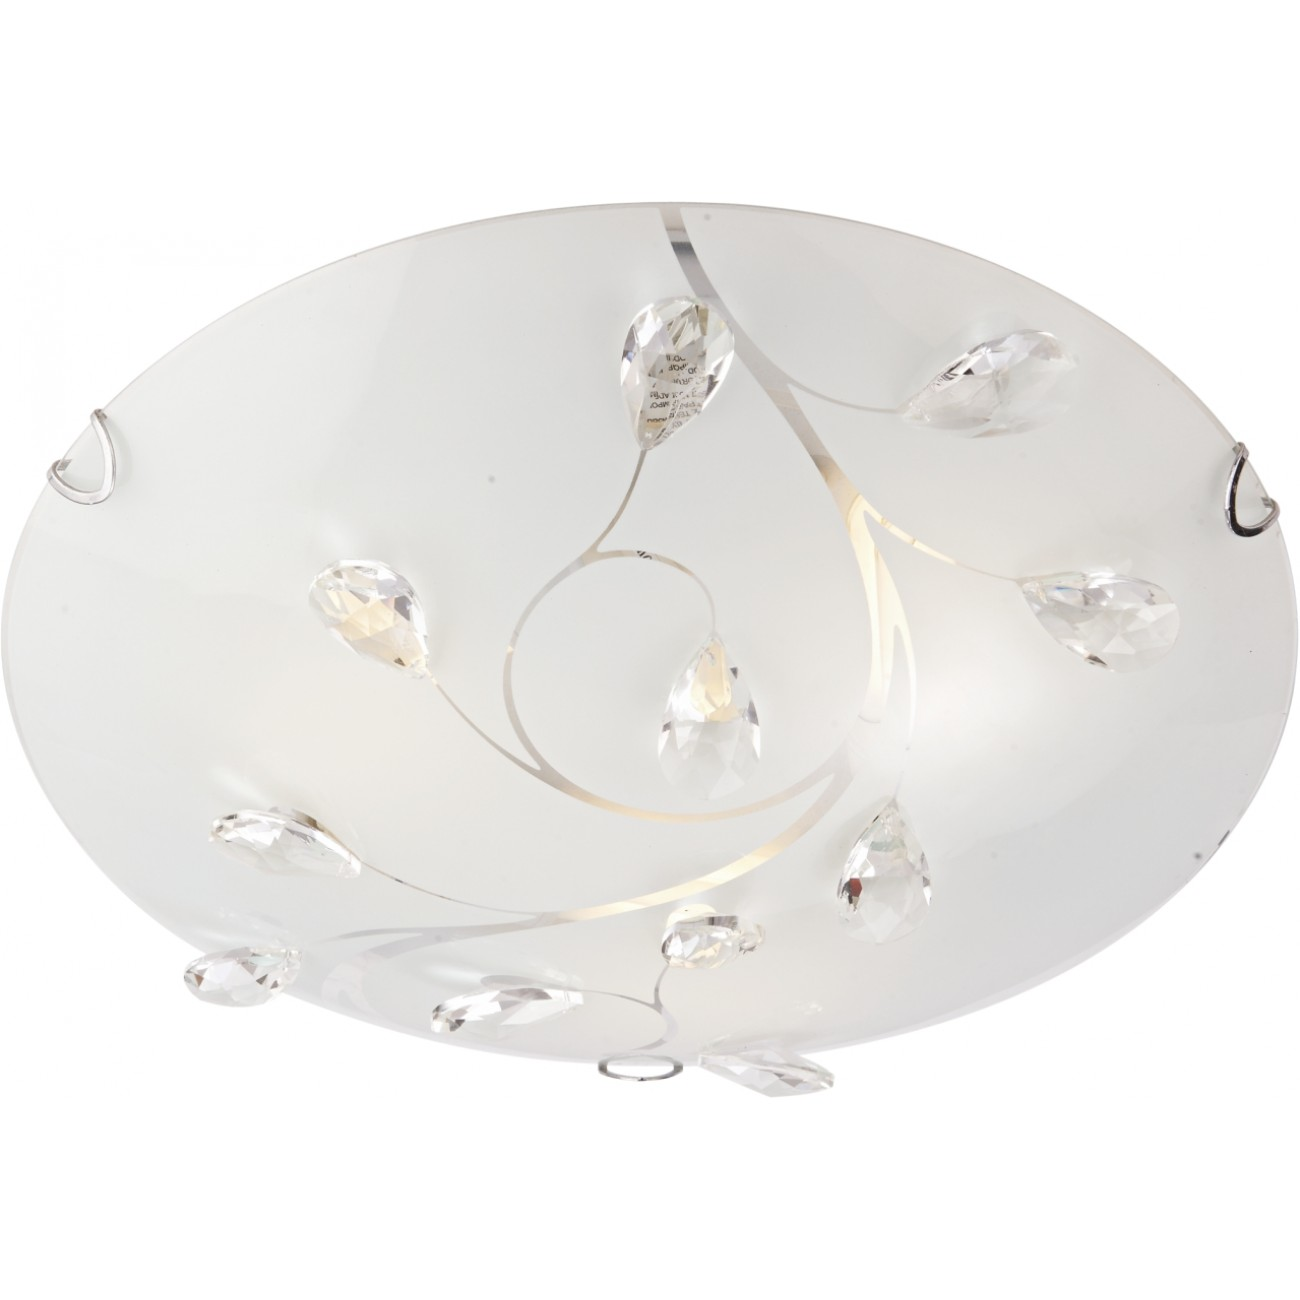 Plafoniera Seti PL3 KL 5805, abajur sticla, 3 x E27, 60W, 40 cm mathaus 2021